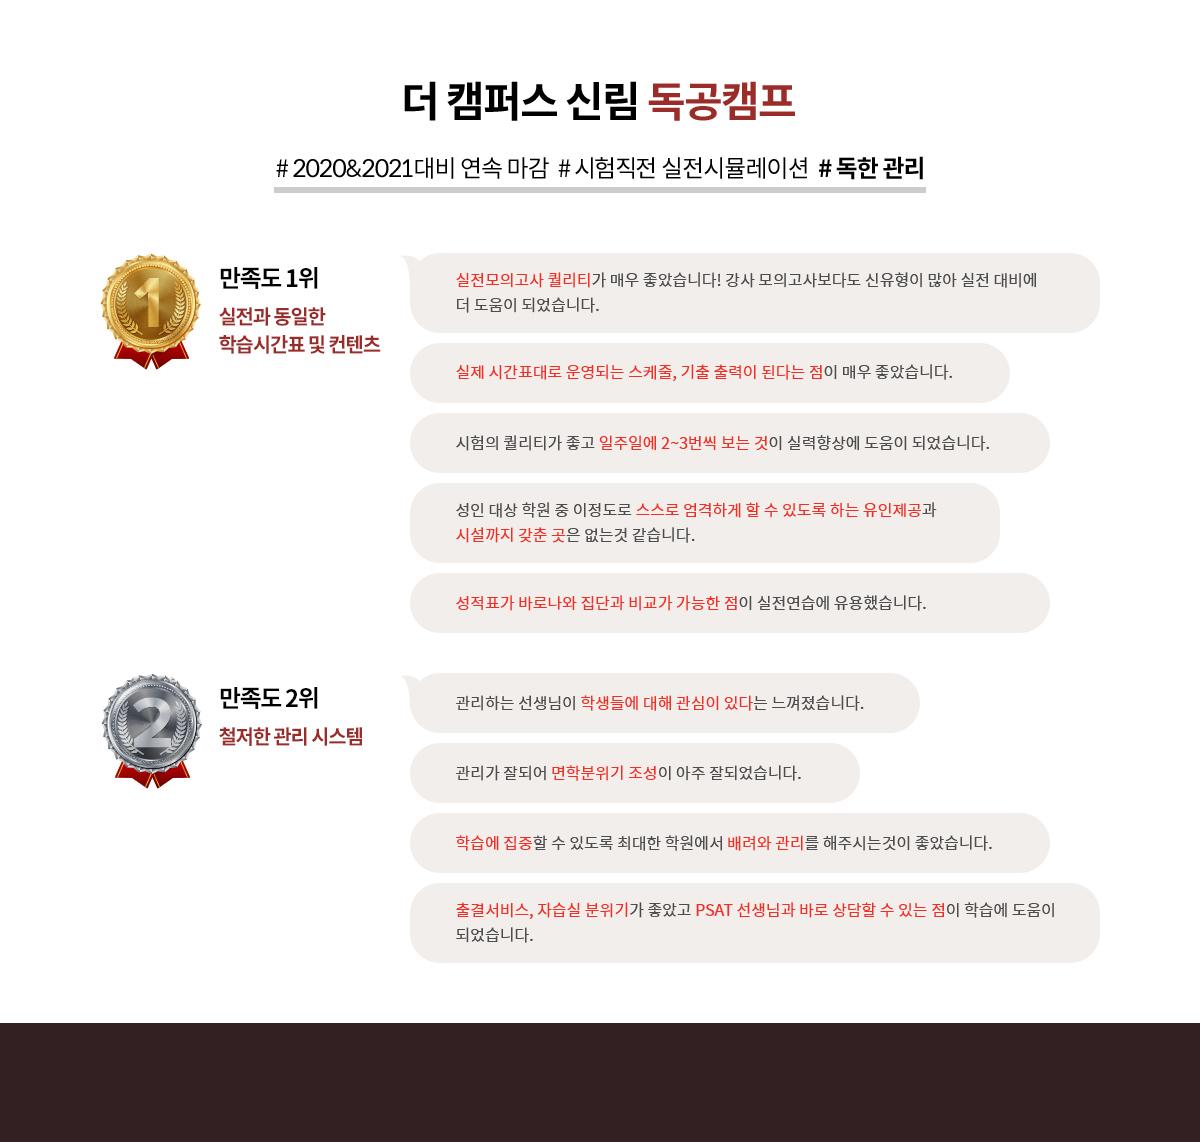 더 캠퍼스 신림 독공캠프